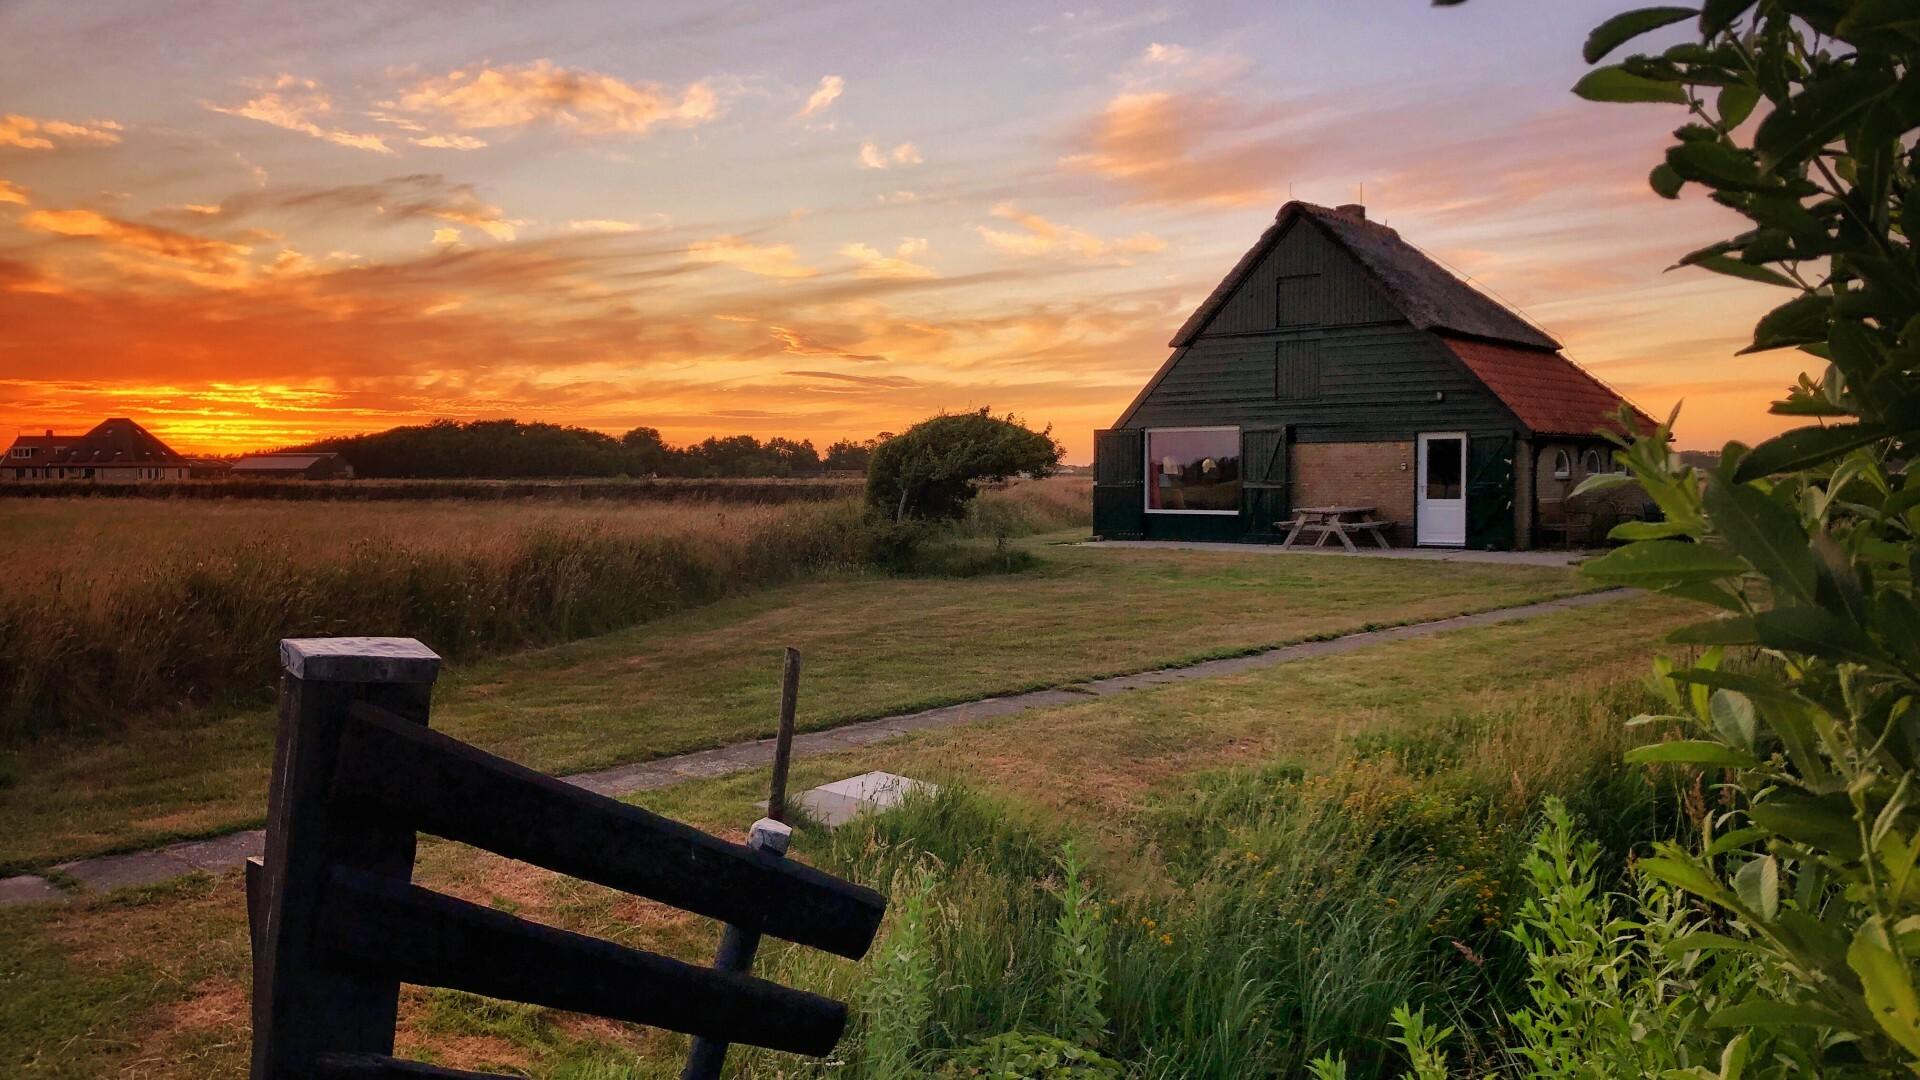 Schapenboet de boet in De Koog VVV Texel